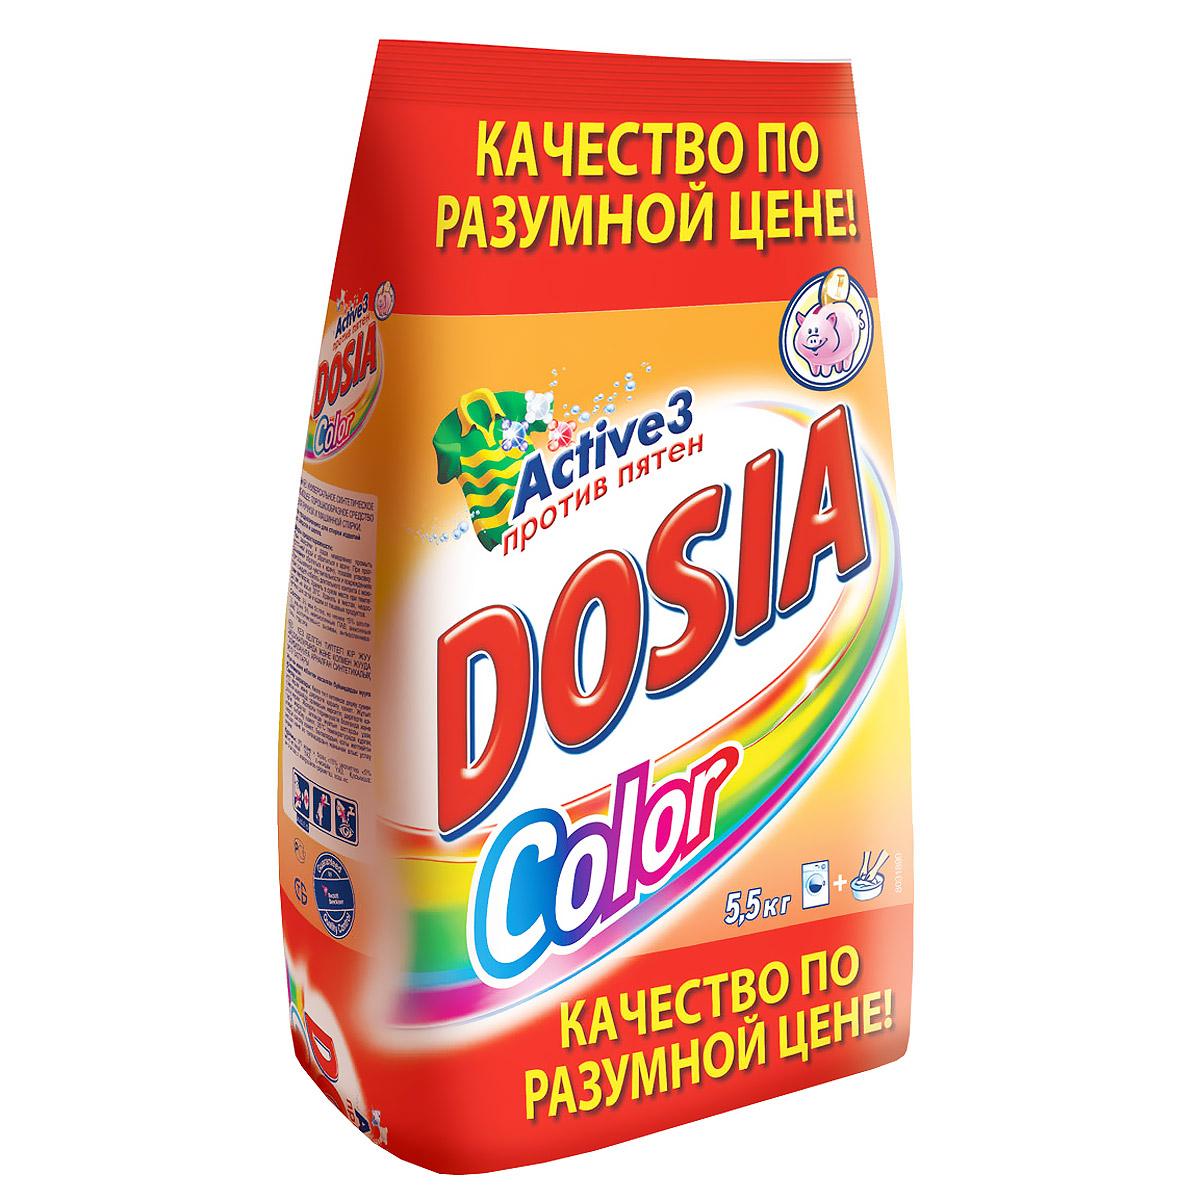 Стиральный порошок Dosia Color. Active 3, аромат свежести, 5,5 кг7504191Стиральный порошок Dosia Color. Active 3 предназначен для стирки в стиральных машинах любого типа, также подходит для ручной стирки. Стиральный порошок содержит комплекс из трех активных компонентов, которые воздействуют на волокна ткани и эффективно удаляют общие загрязнения, сложные пятна, а также не повреждают цвет вещей после многих стирок. Характеристики: Вес порошка: 5,5 кг. Товар сертифицирован. Обращаем ваше внимание на возможные изменения в дизайне упаковки.